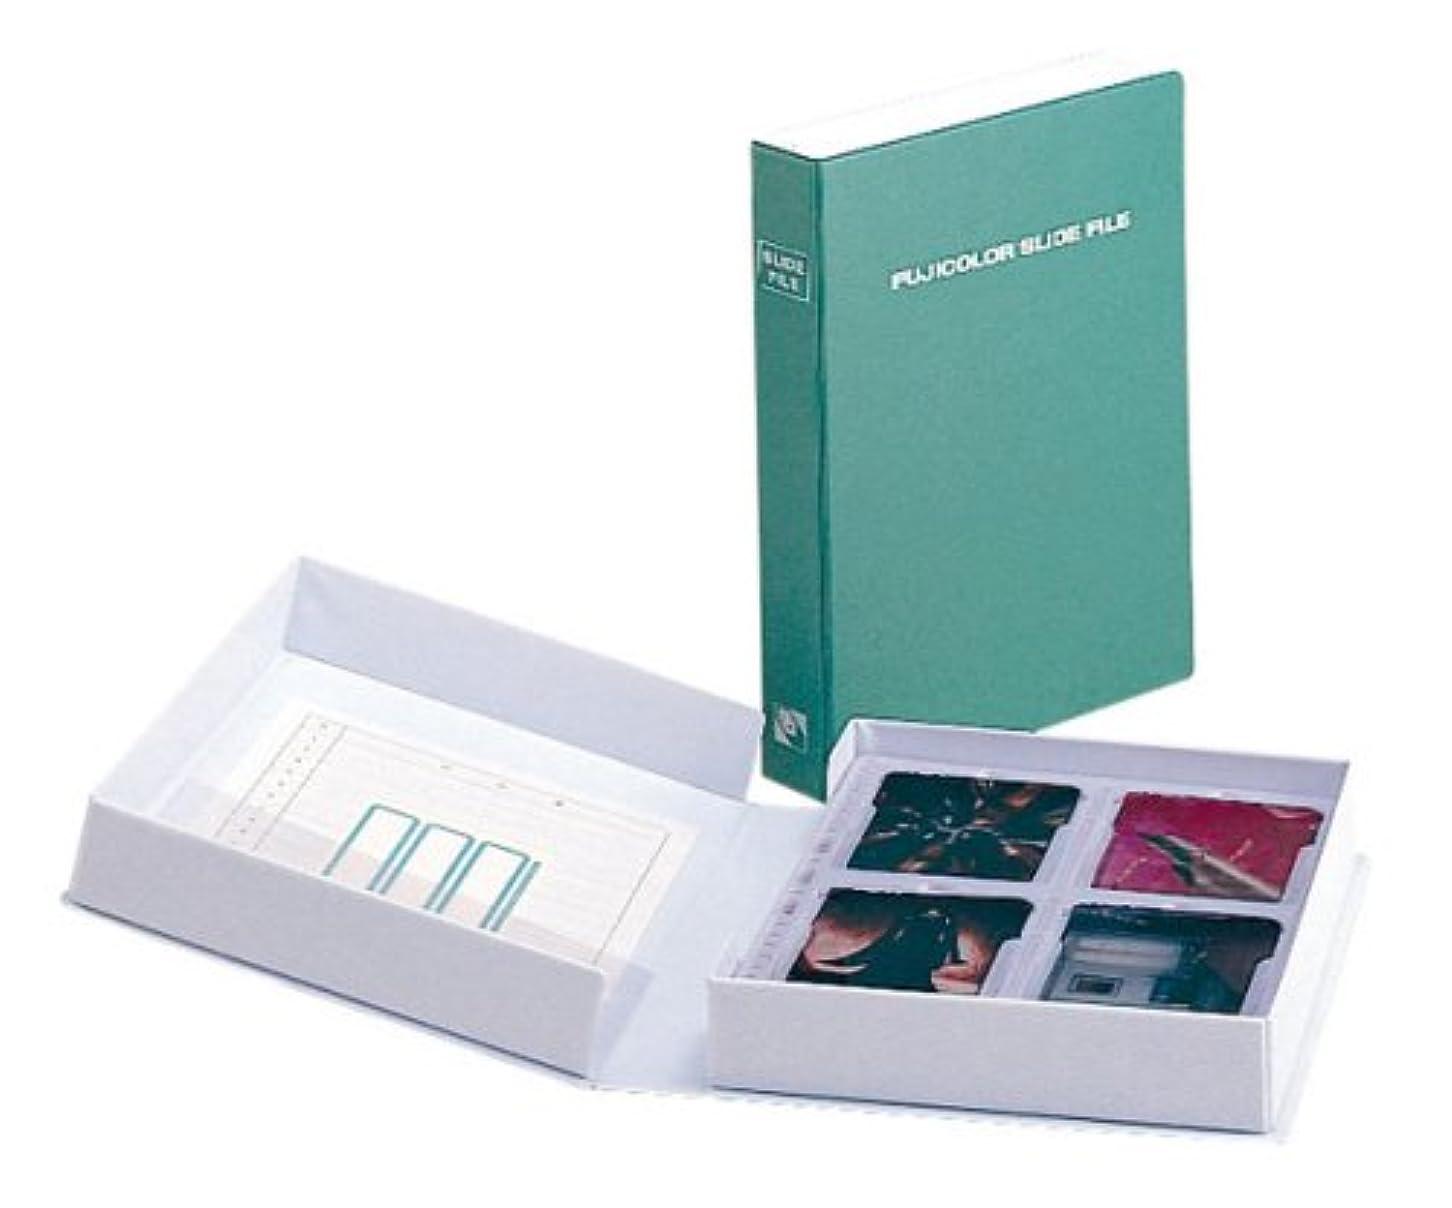 オリエンテーションラップ笑FUJICOLOR スライドファイル 35mmボックスタイプ プロ用スライドファイル 35mm300N 25975